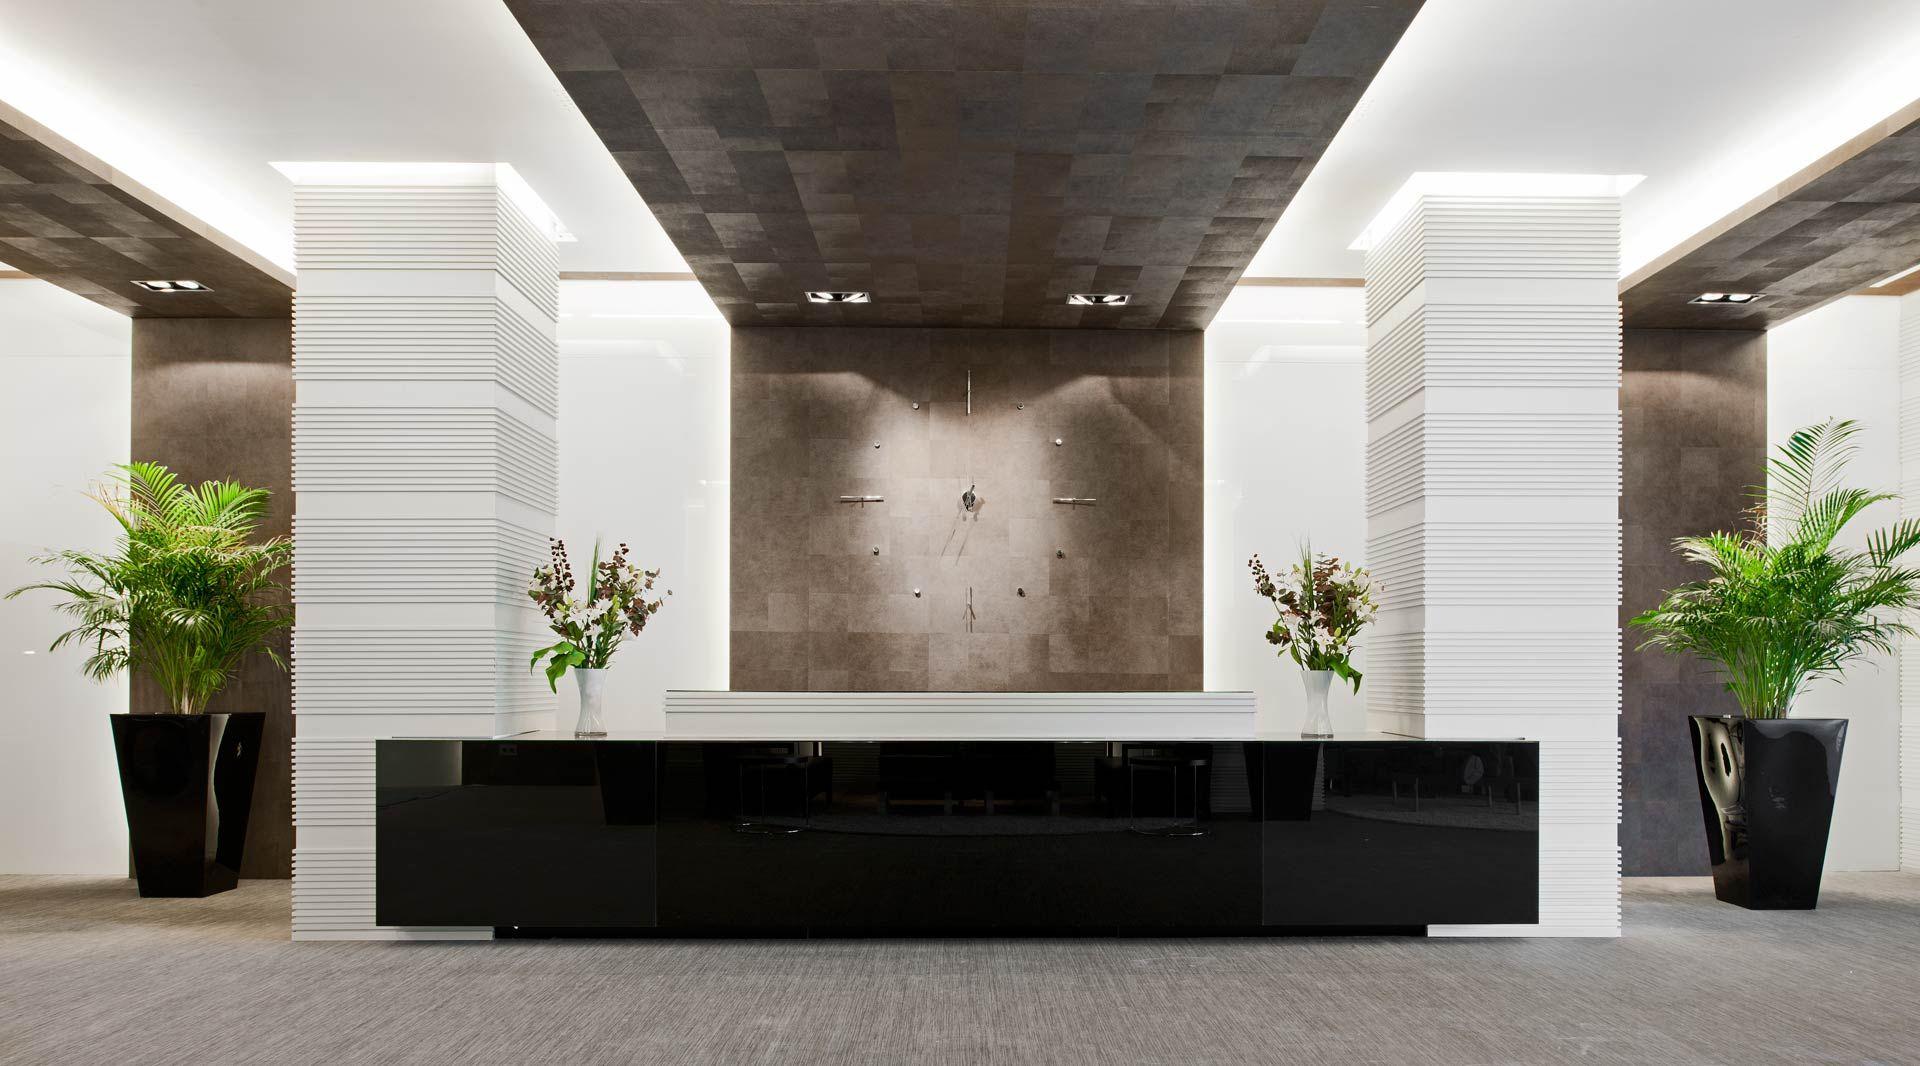 Angyrainside oficinas pinterest recepciones for Interiores de oficinas modernas